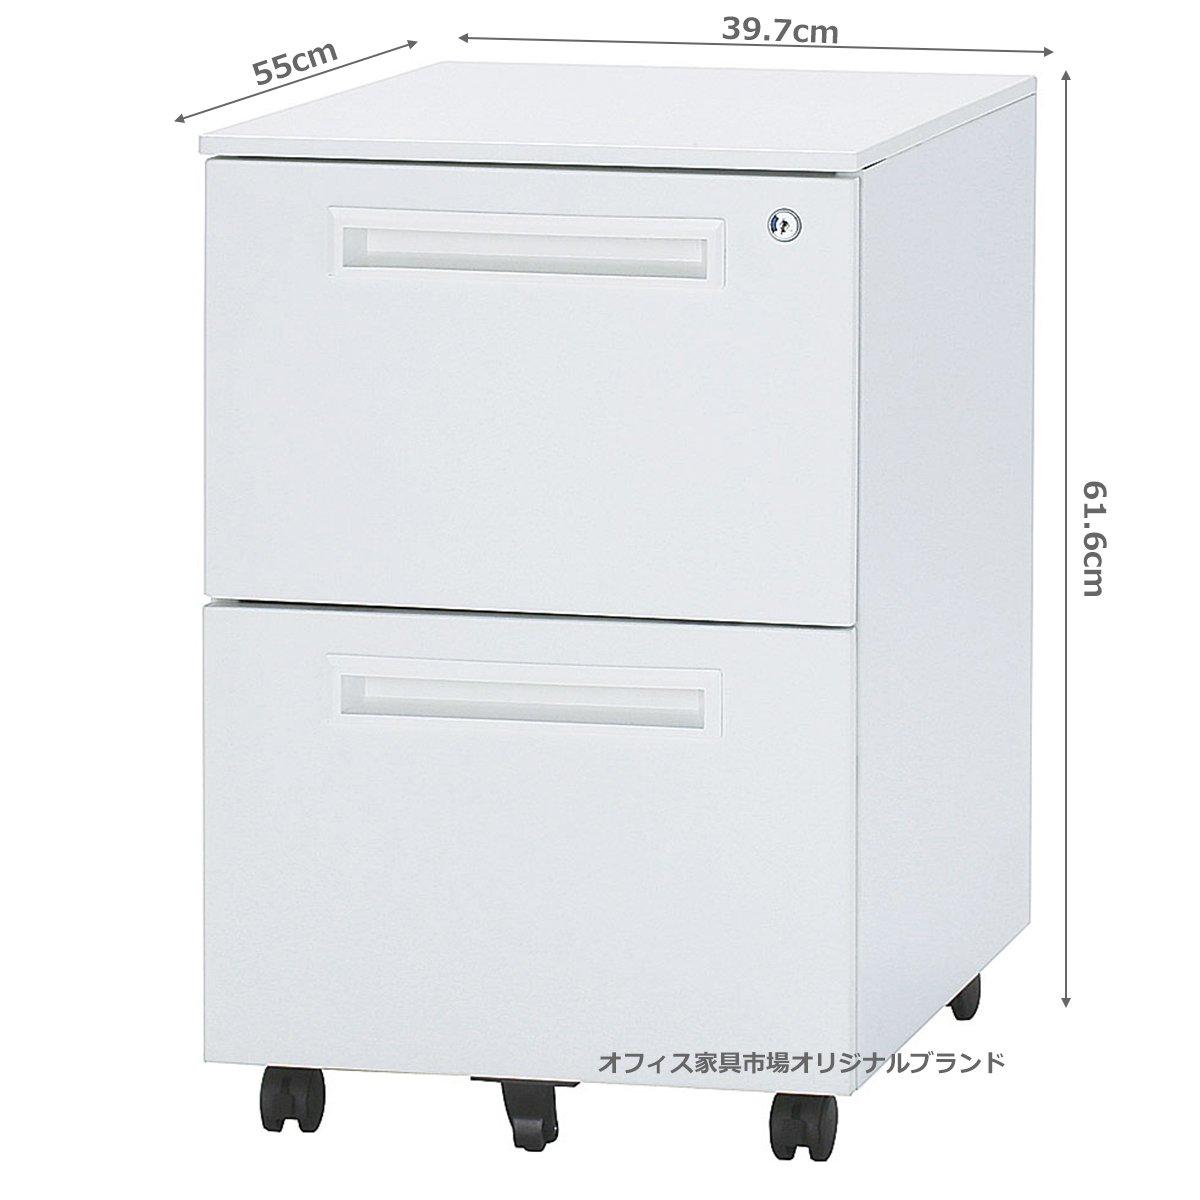 オフィスデスク ワゴン ホワイト 【2段タイプ】(オフィス家具市場オリジナル) IOW-2 事務机 収納 事務所 学校 バックヤード オールロック A4ファイル収納可能 サイズ:W397×D550×H550 B00W3DGP1K